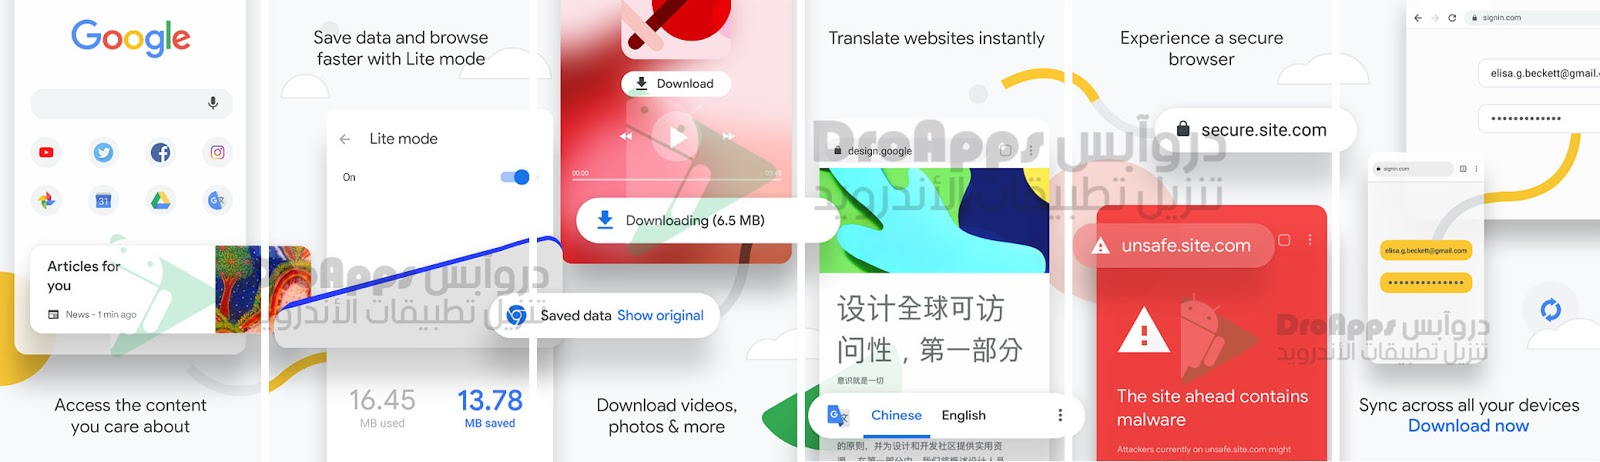 تحميل جوجل كروم للاندرويد 2020 - متصفح قوقل كروم Google Chrome APK